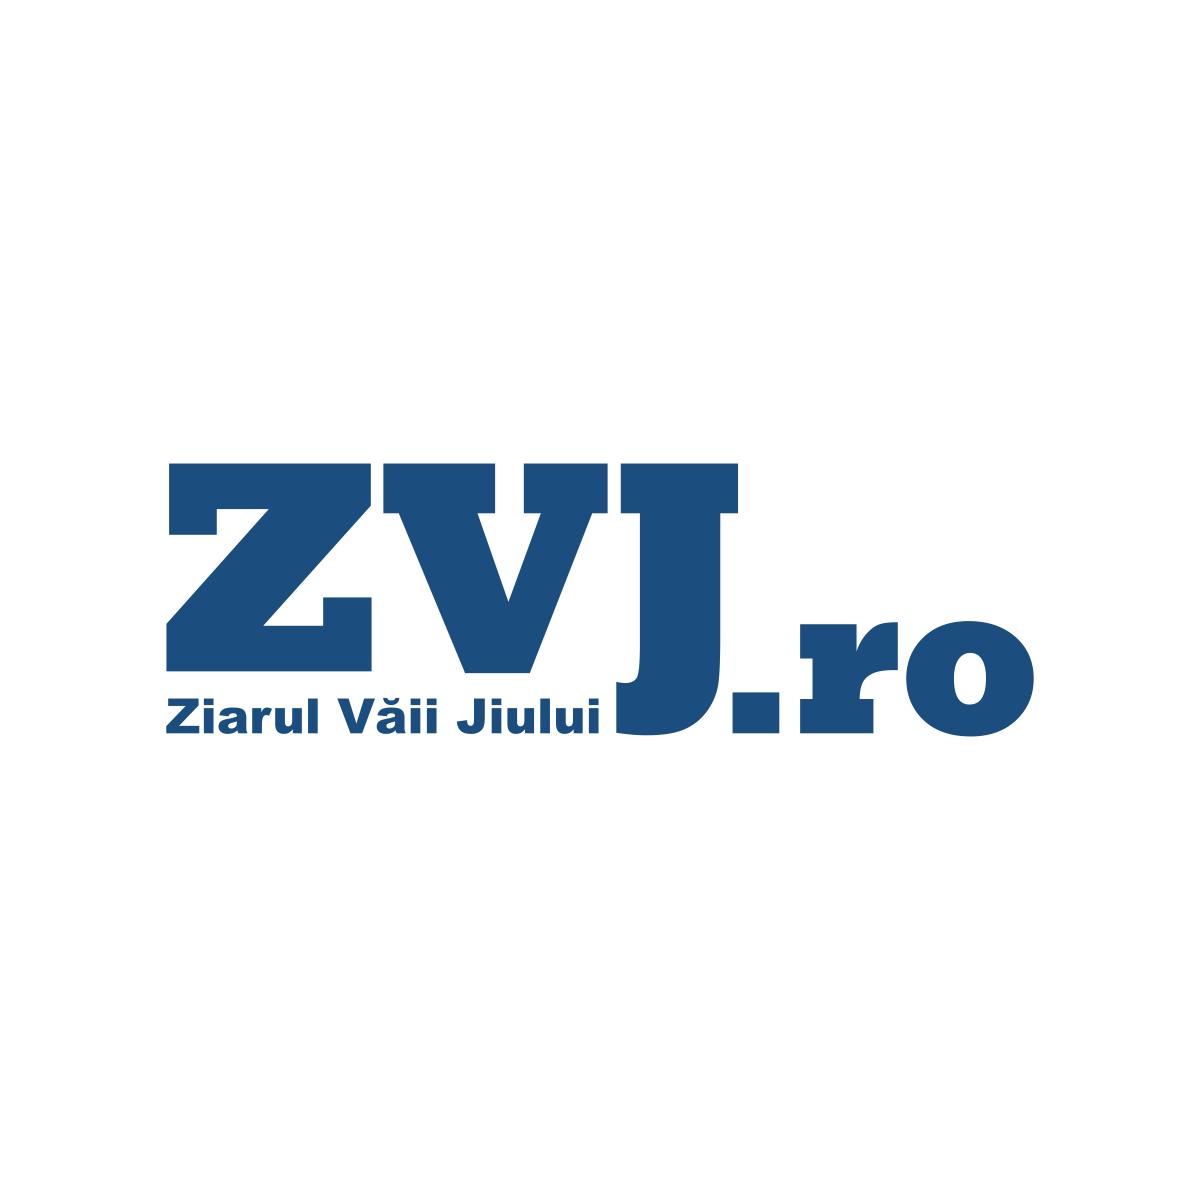 zvj logo